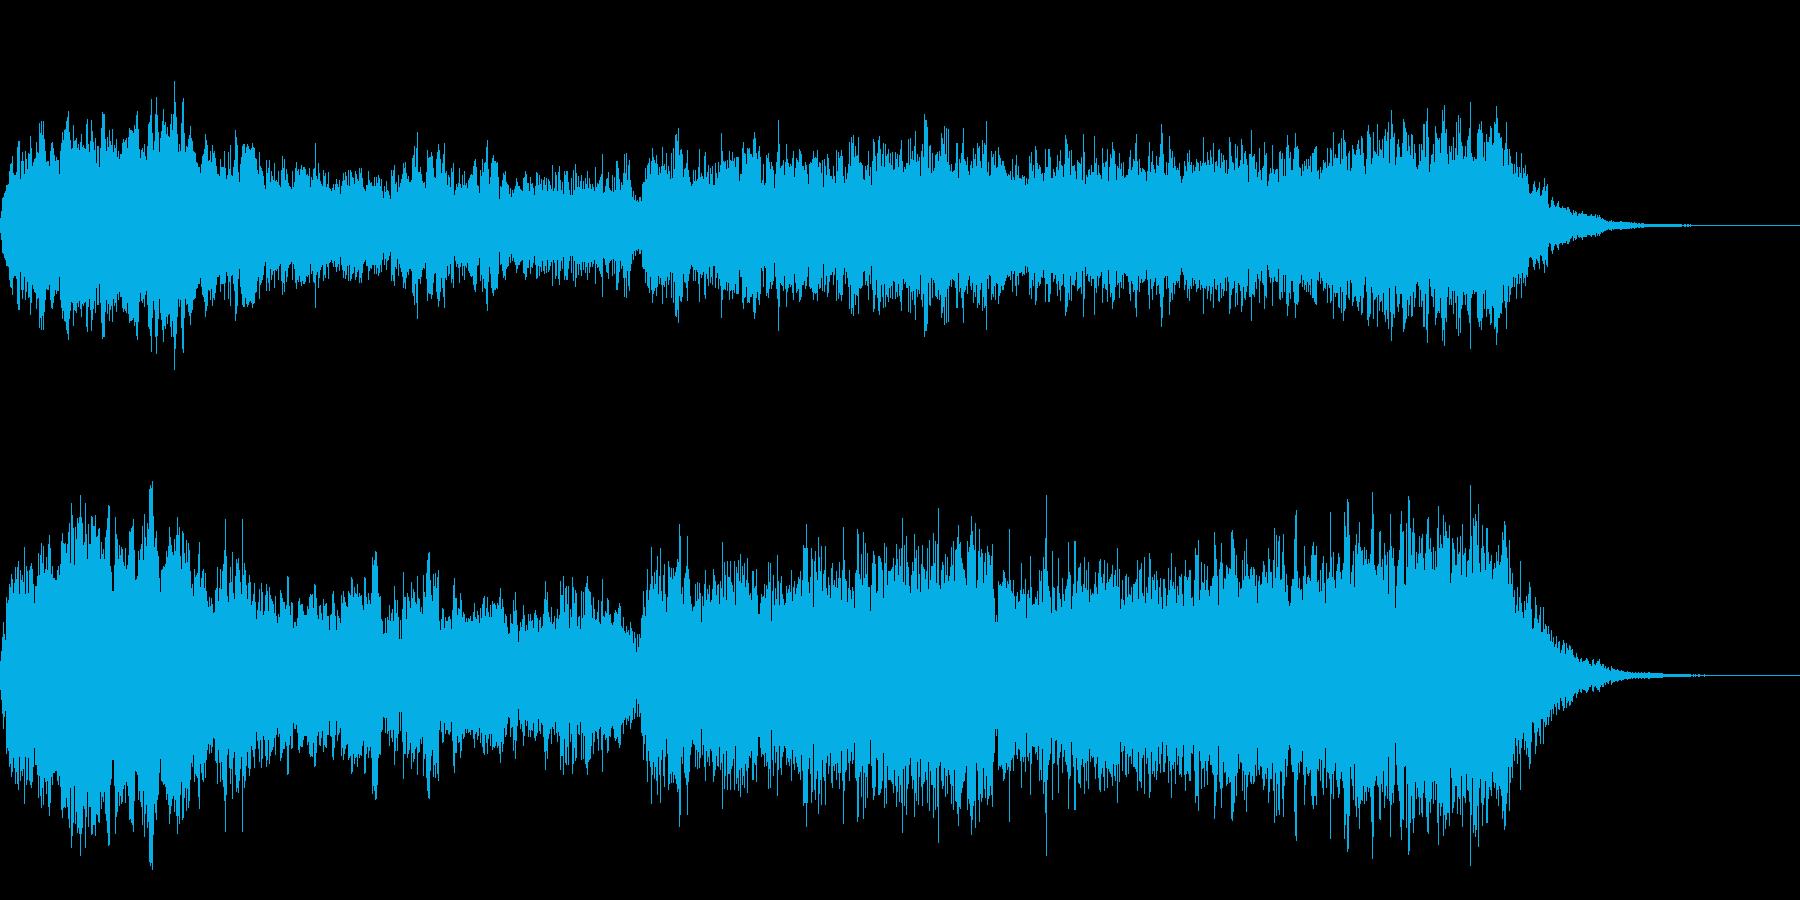 ファンタジーなオープニング向けコーラスの再生済みの波形